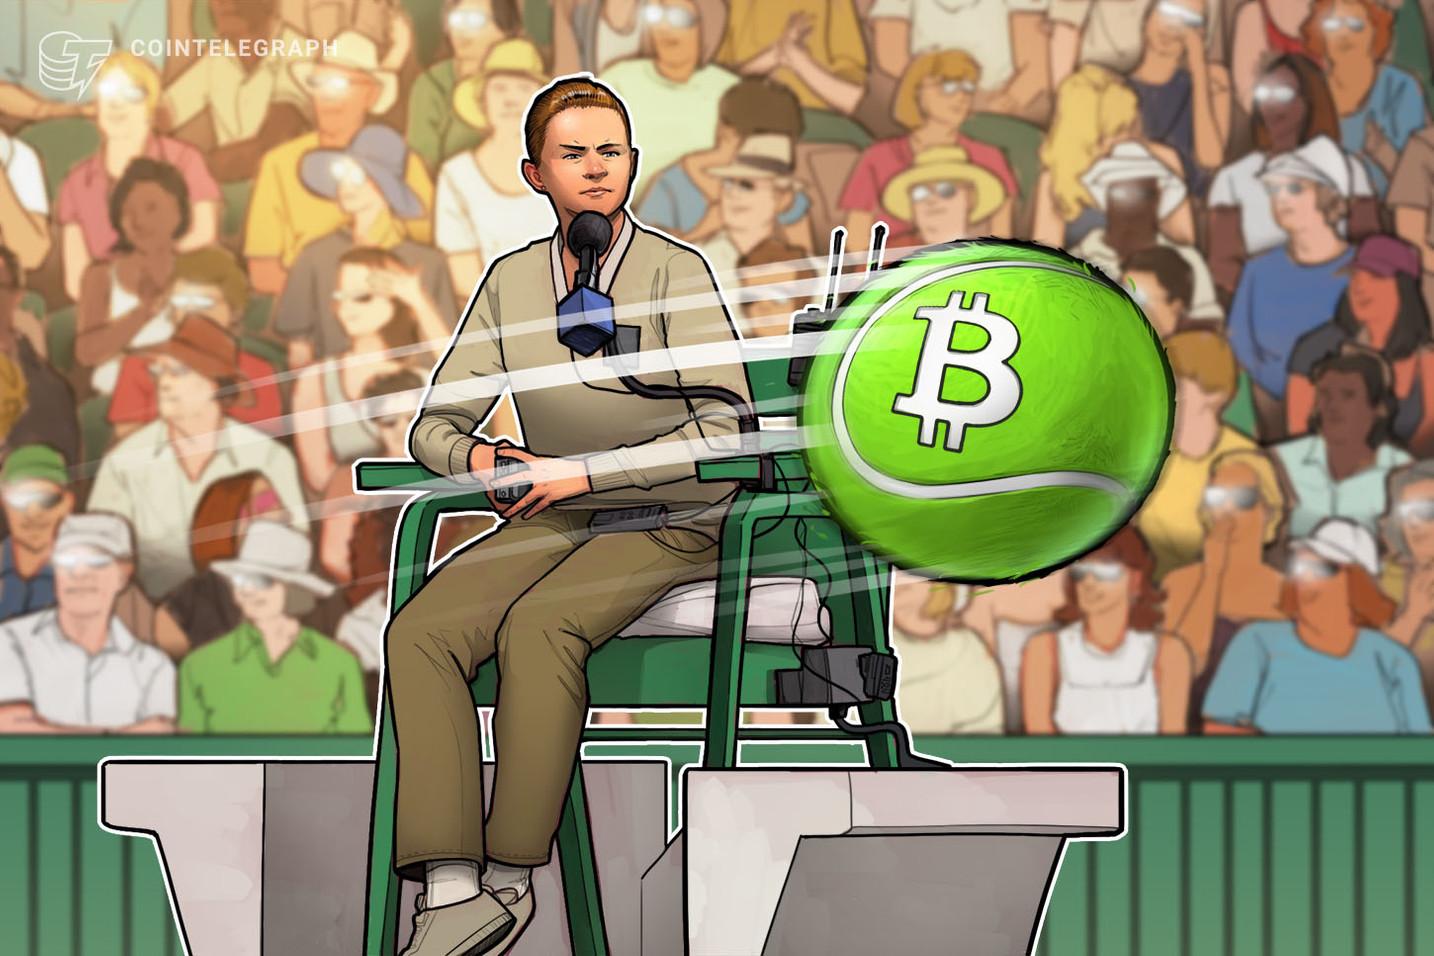 El mercado alcista de Bitcoin gana impulso y rompe la barrera de los USD 9,000 por primera vez en 2020